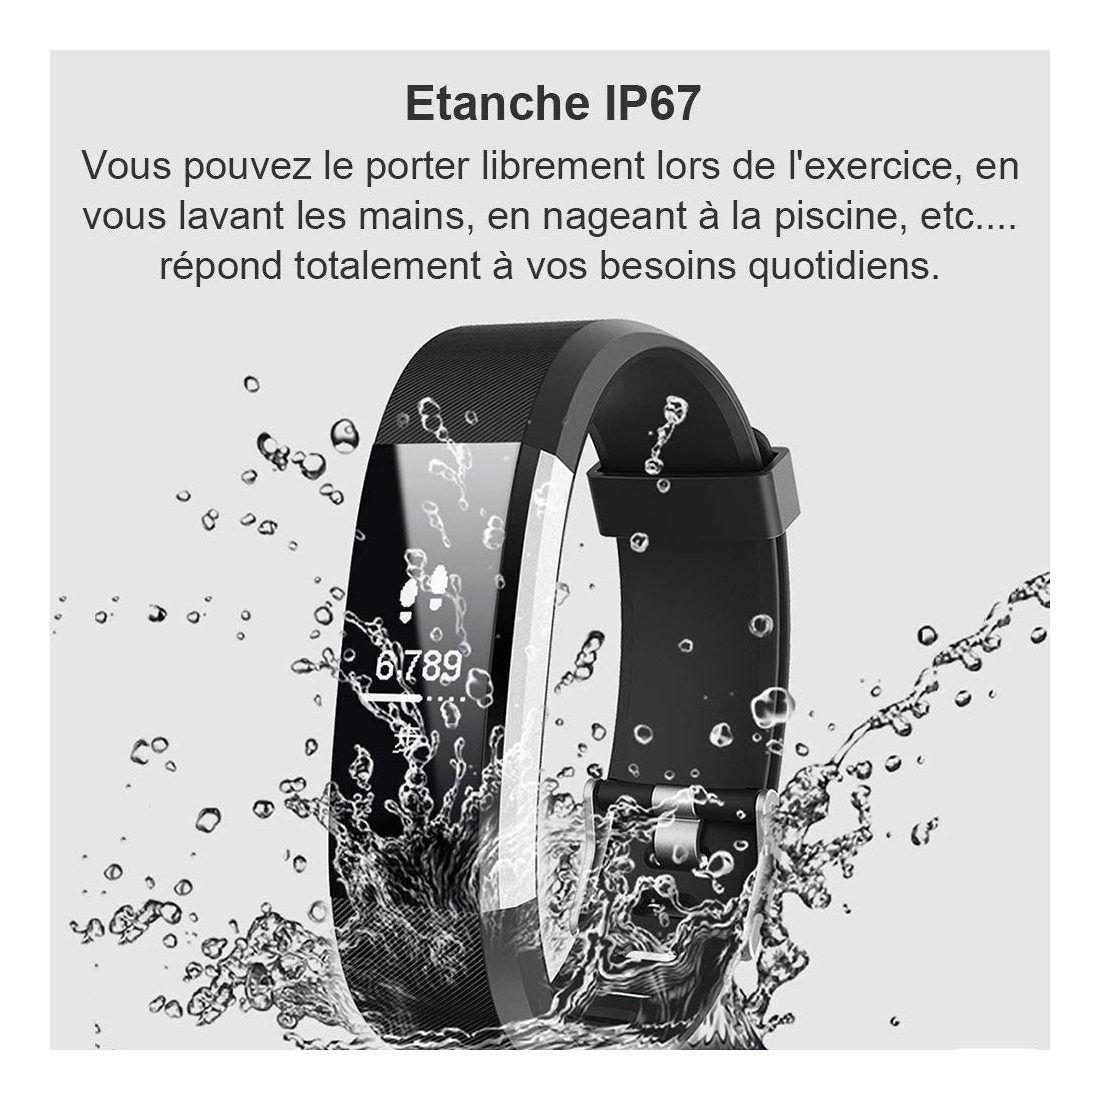 Willful Montre Connectée Smartwatch Podomètre Bracelet Connecté Etanche IP67 pour Femme Homme Enfant Smart Watch Cardio Fitne